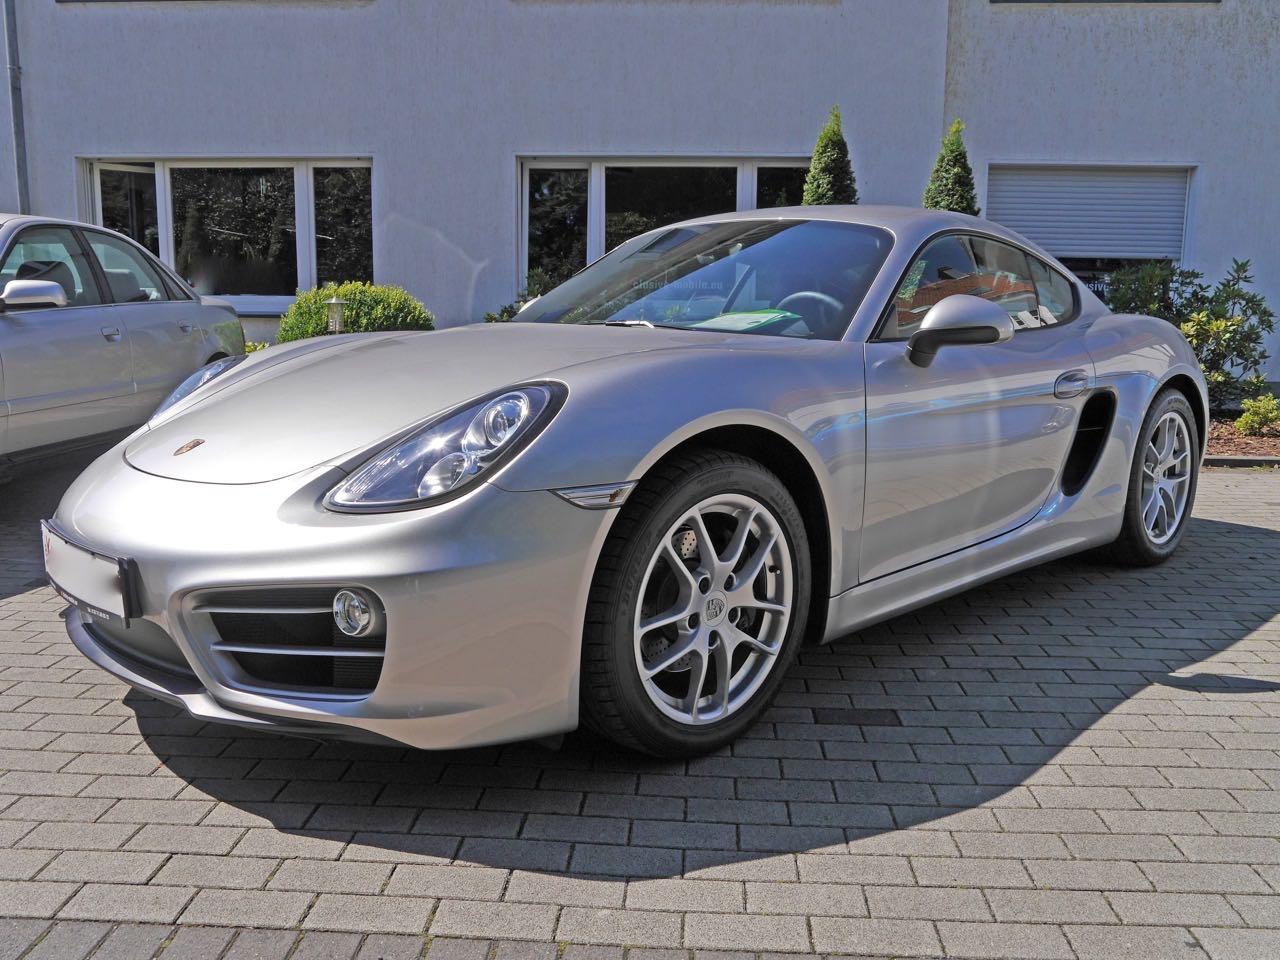 911 youngtimer - Porsche 981 Cayman 2,7 PDK - 2013 - Platinum Silver 1